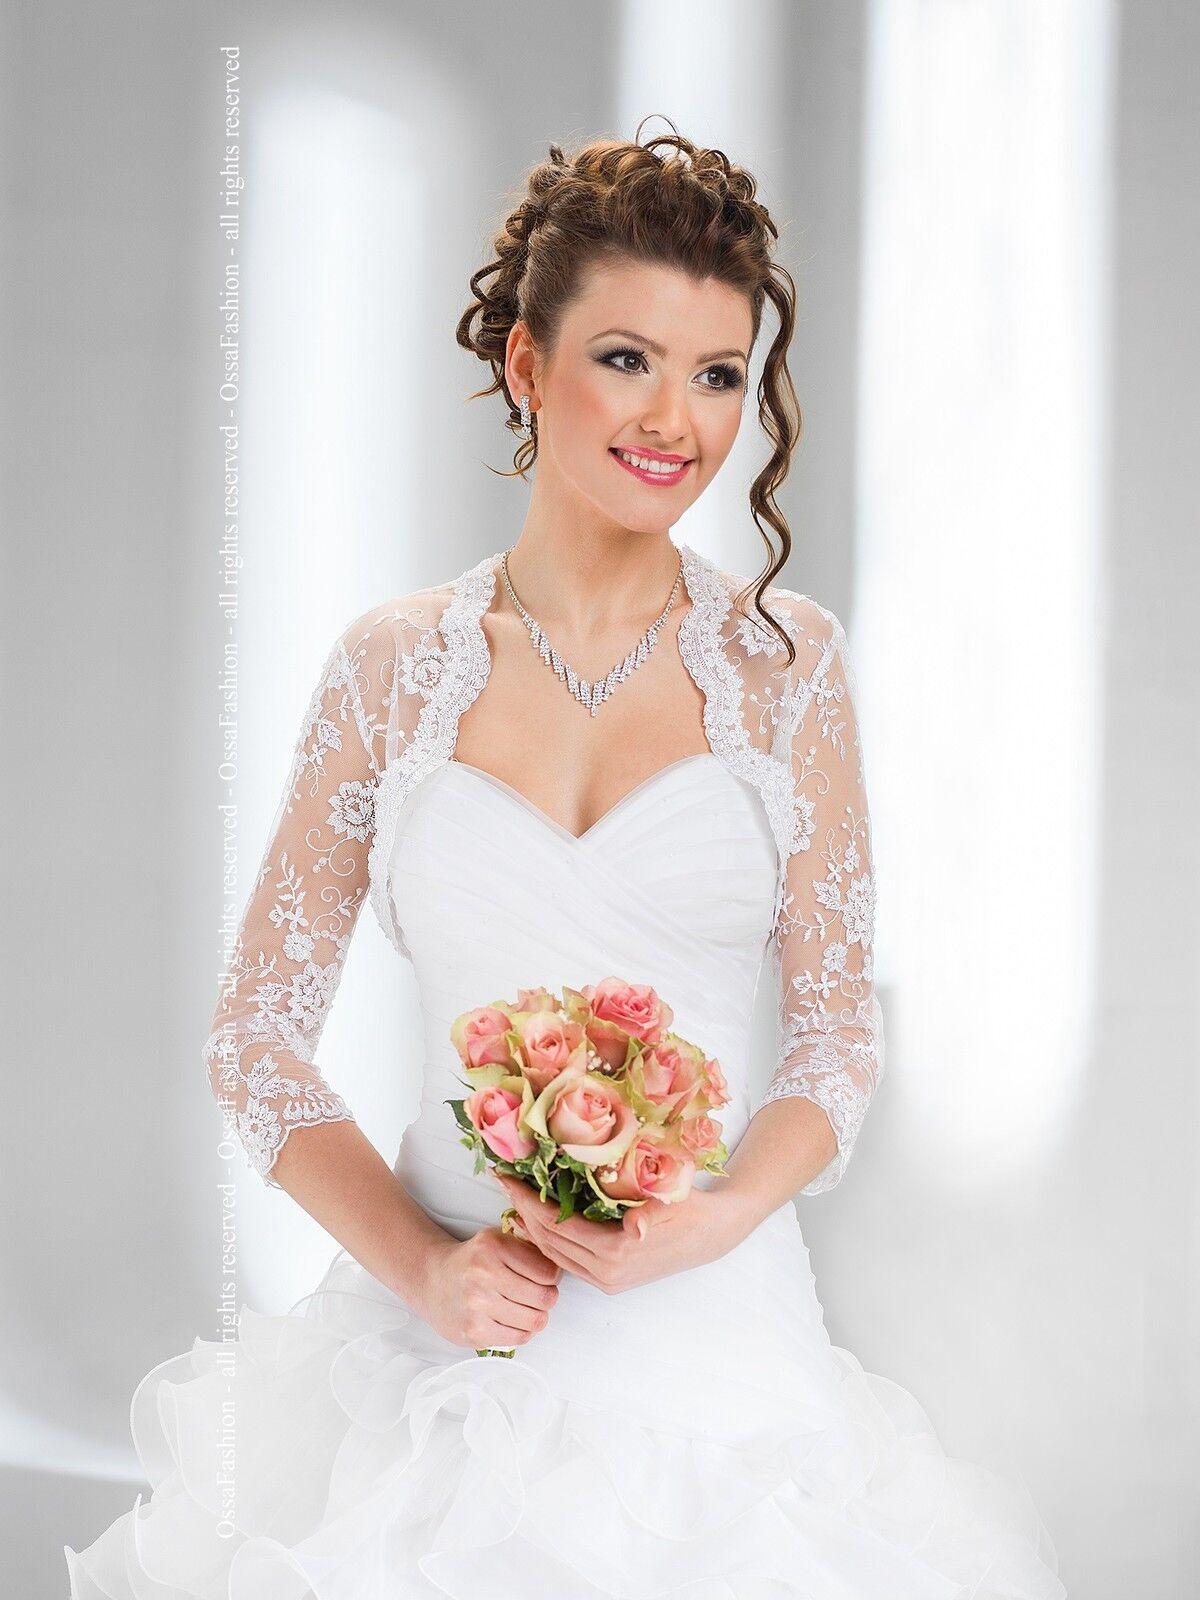 New Women Wedding New Top Lace Bolero Shrug Bridal Jacket Sizes ...